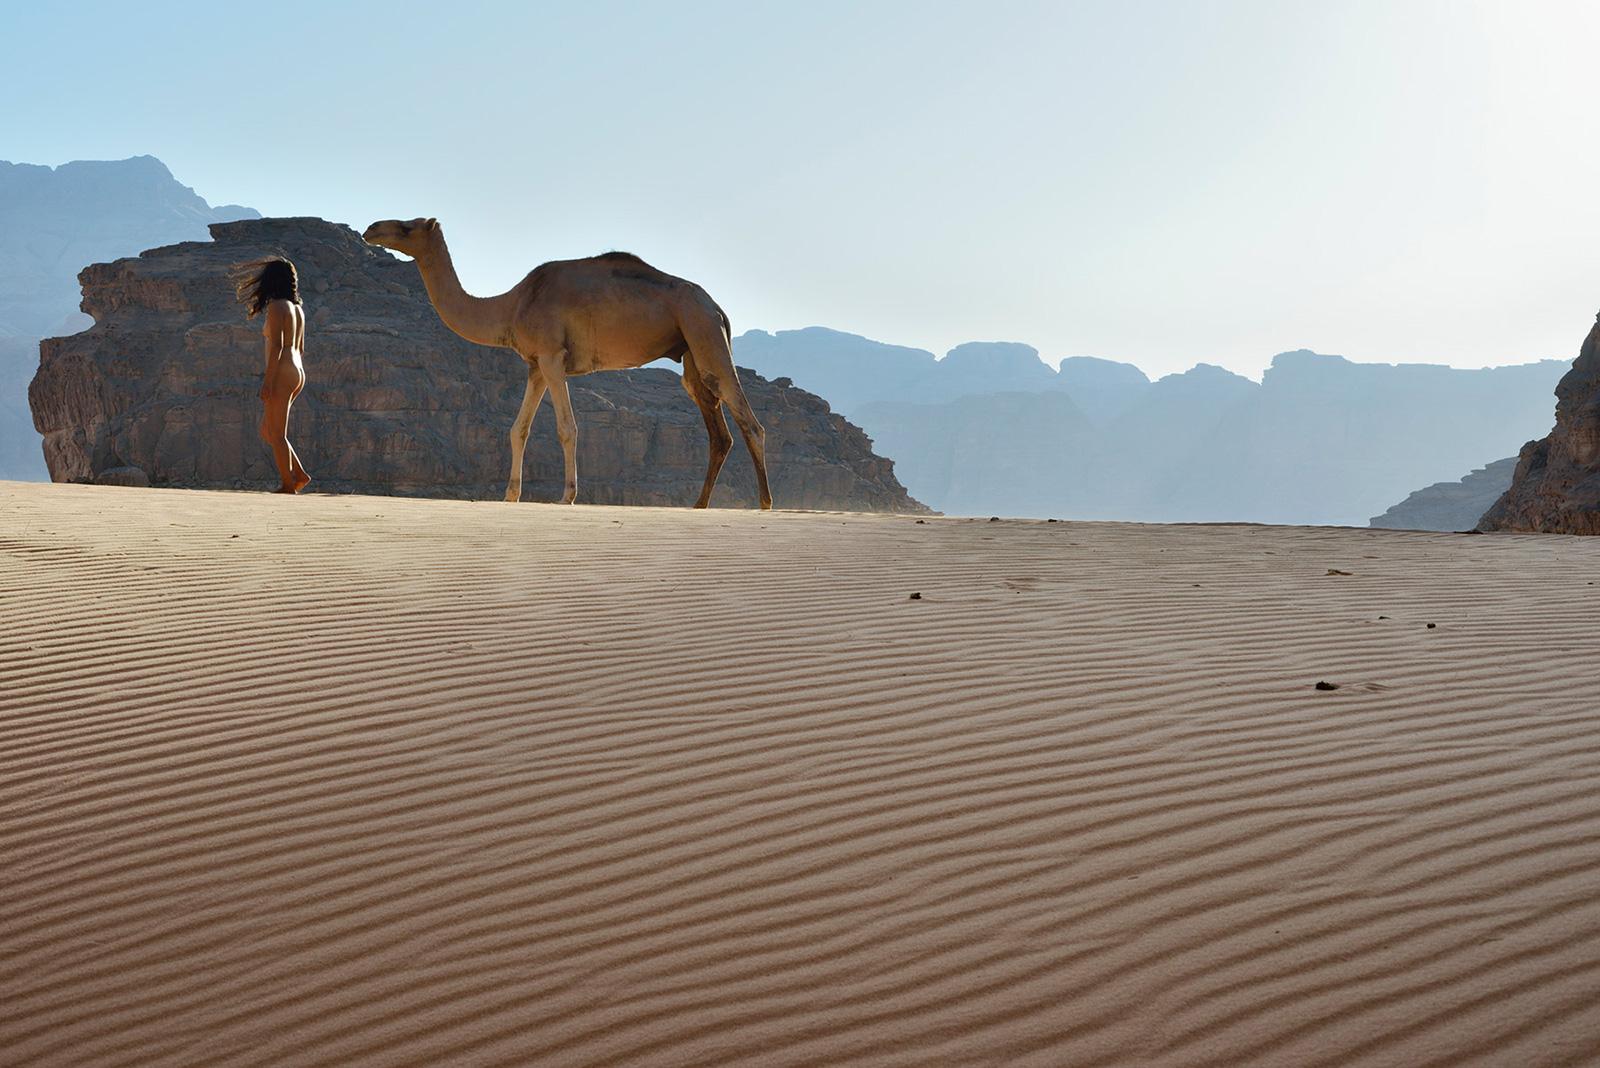 Wadi Rum, Jordan, Arabian Desert 2